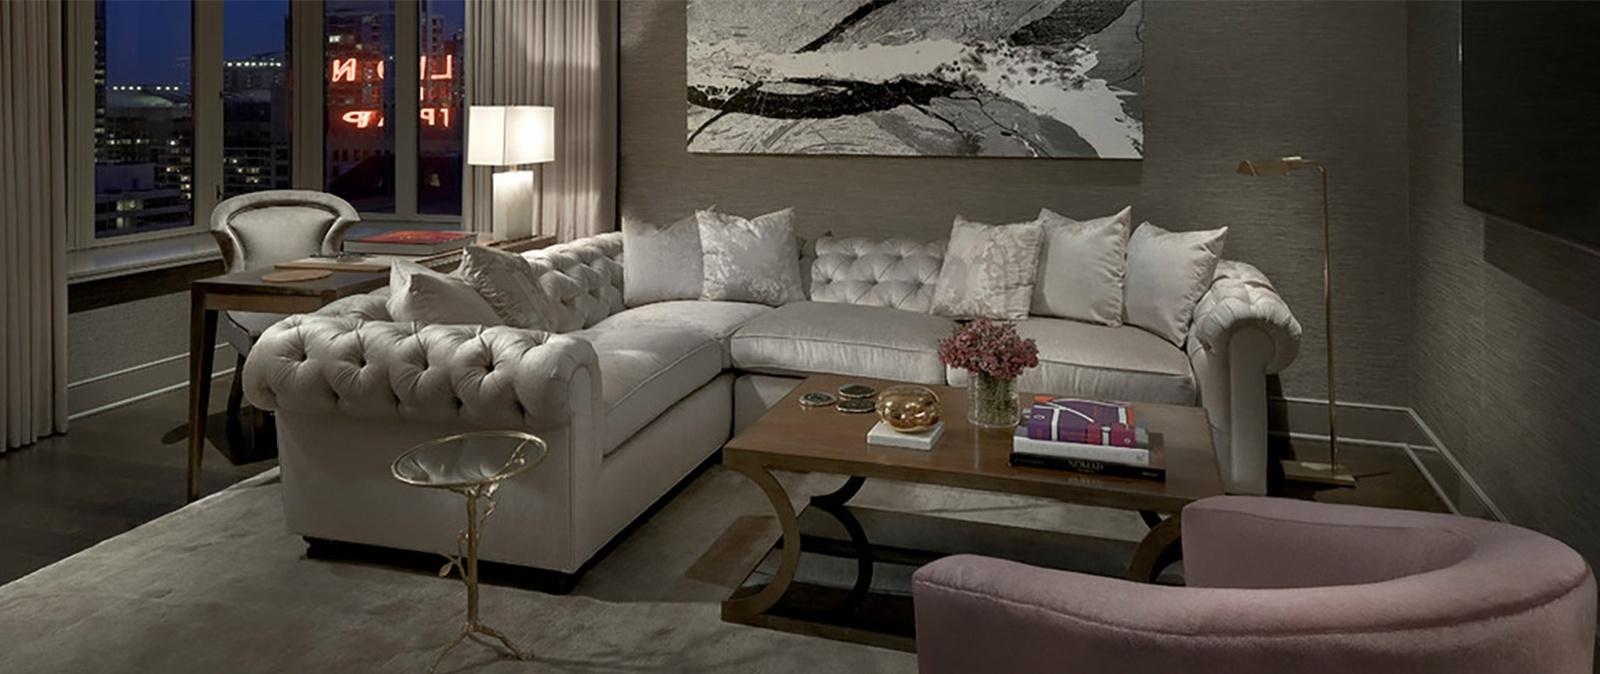 residential interior design calabasas ca